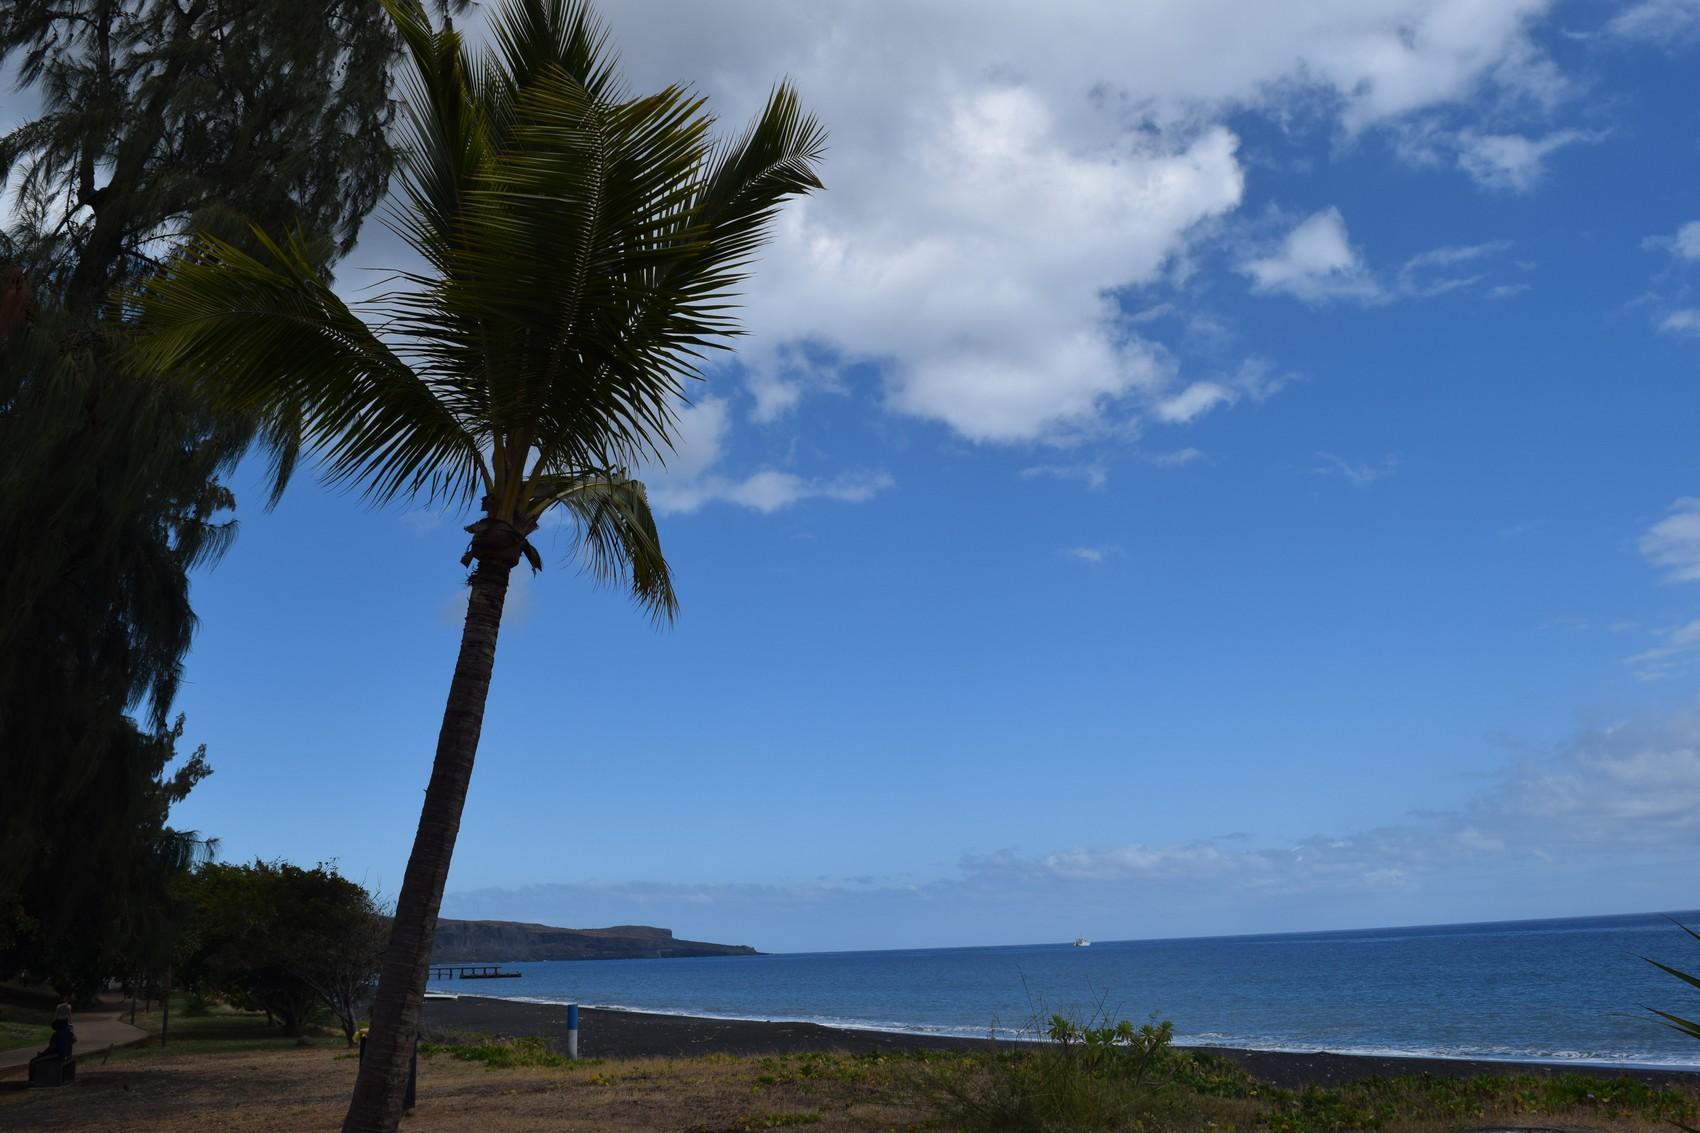 Le jour où j'ai décidé de ne pas rester vivre à la Réunion.